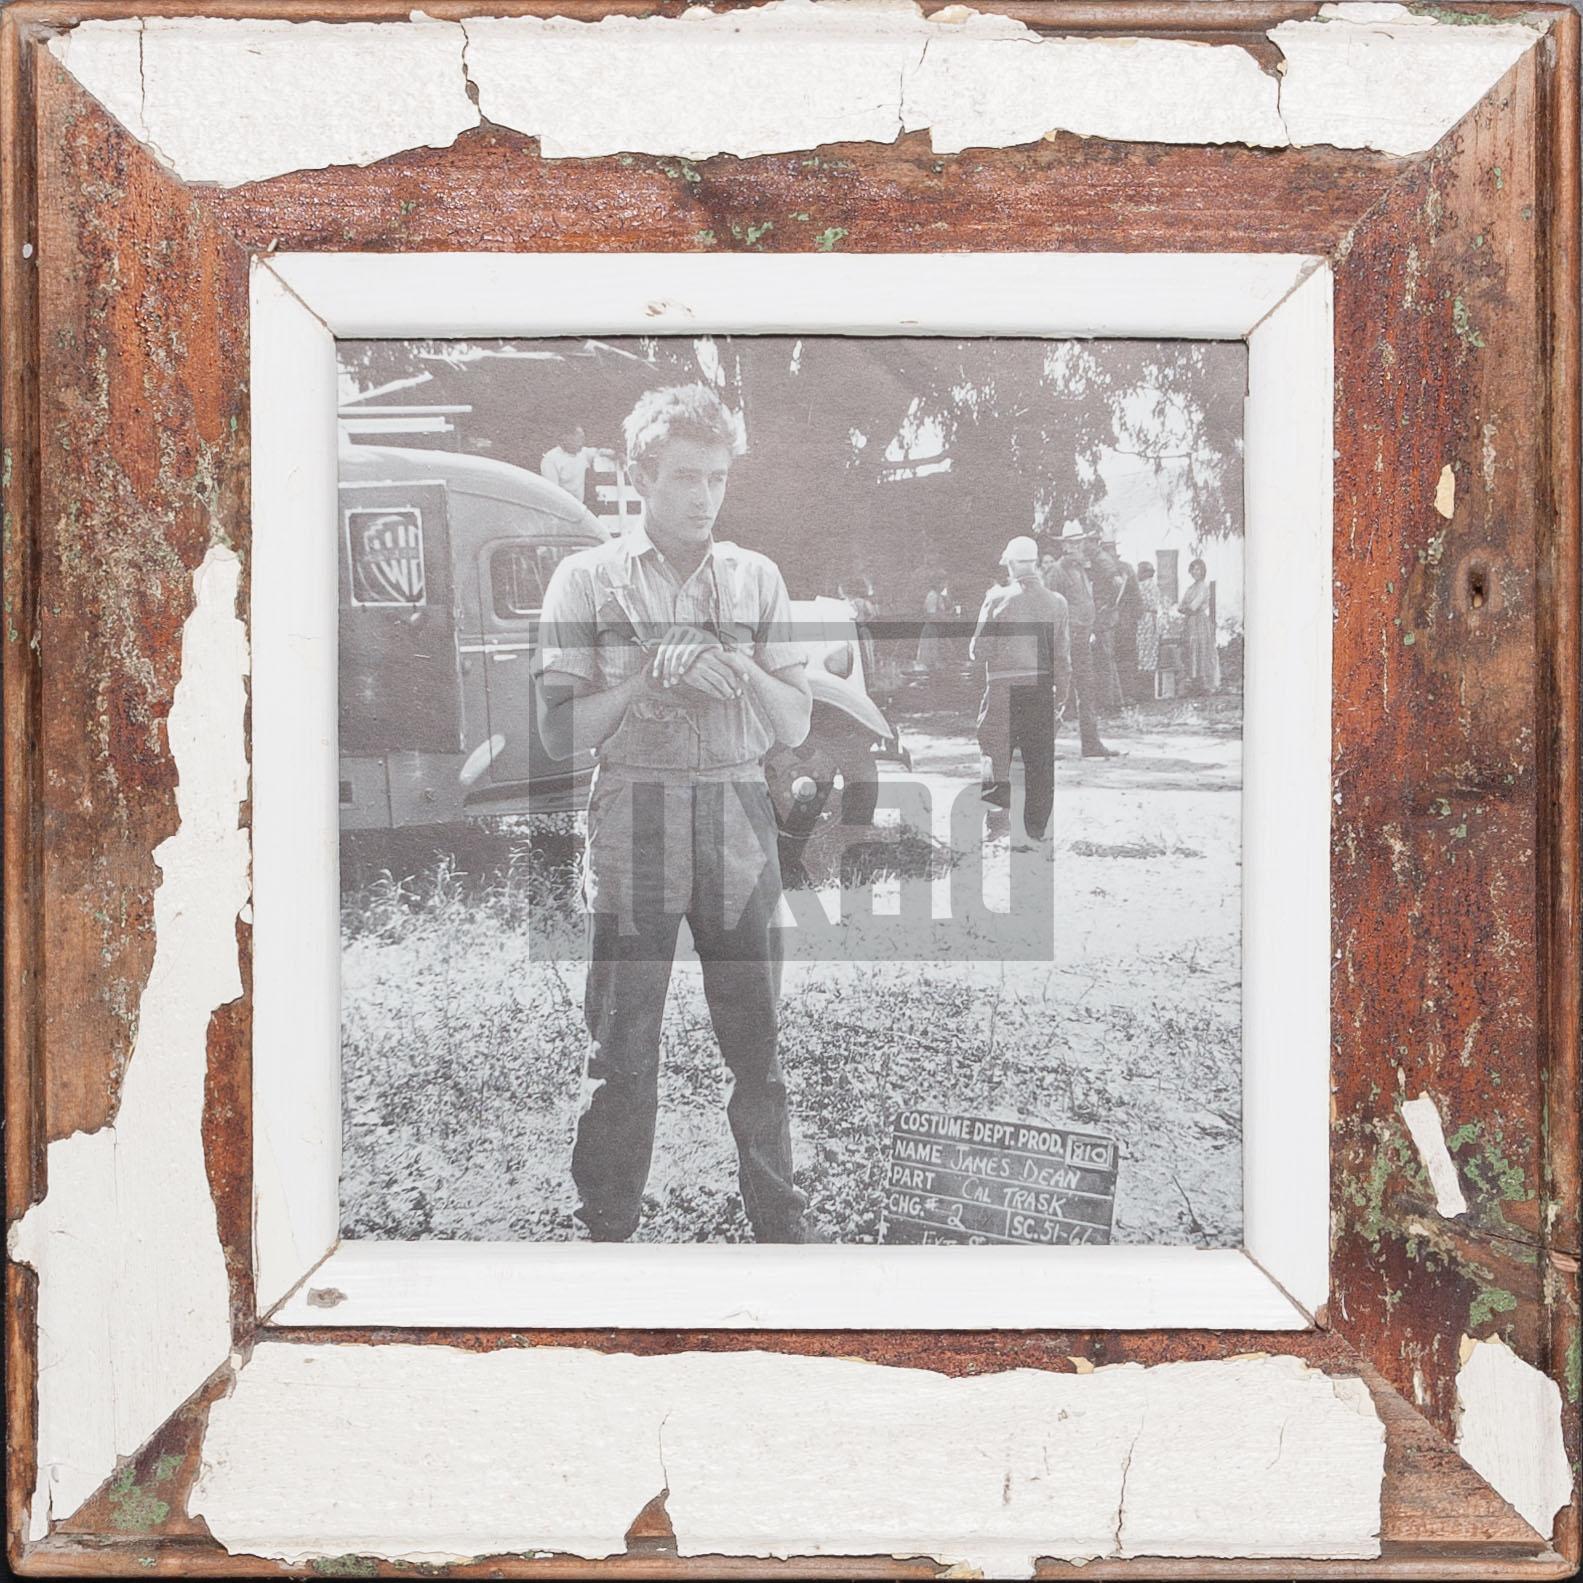 Quadratischer Wechselrahmen aus Recyclingholz für quadratische Fotos